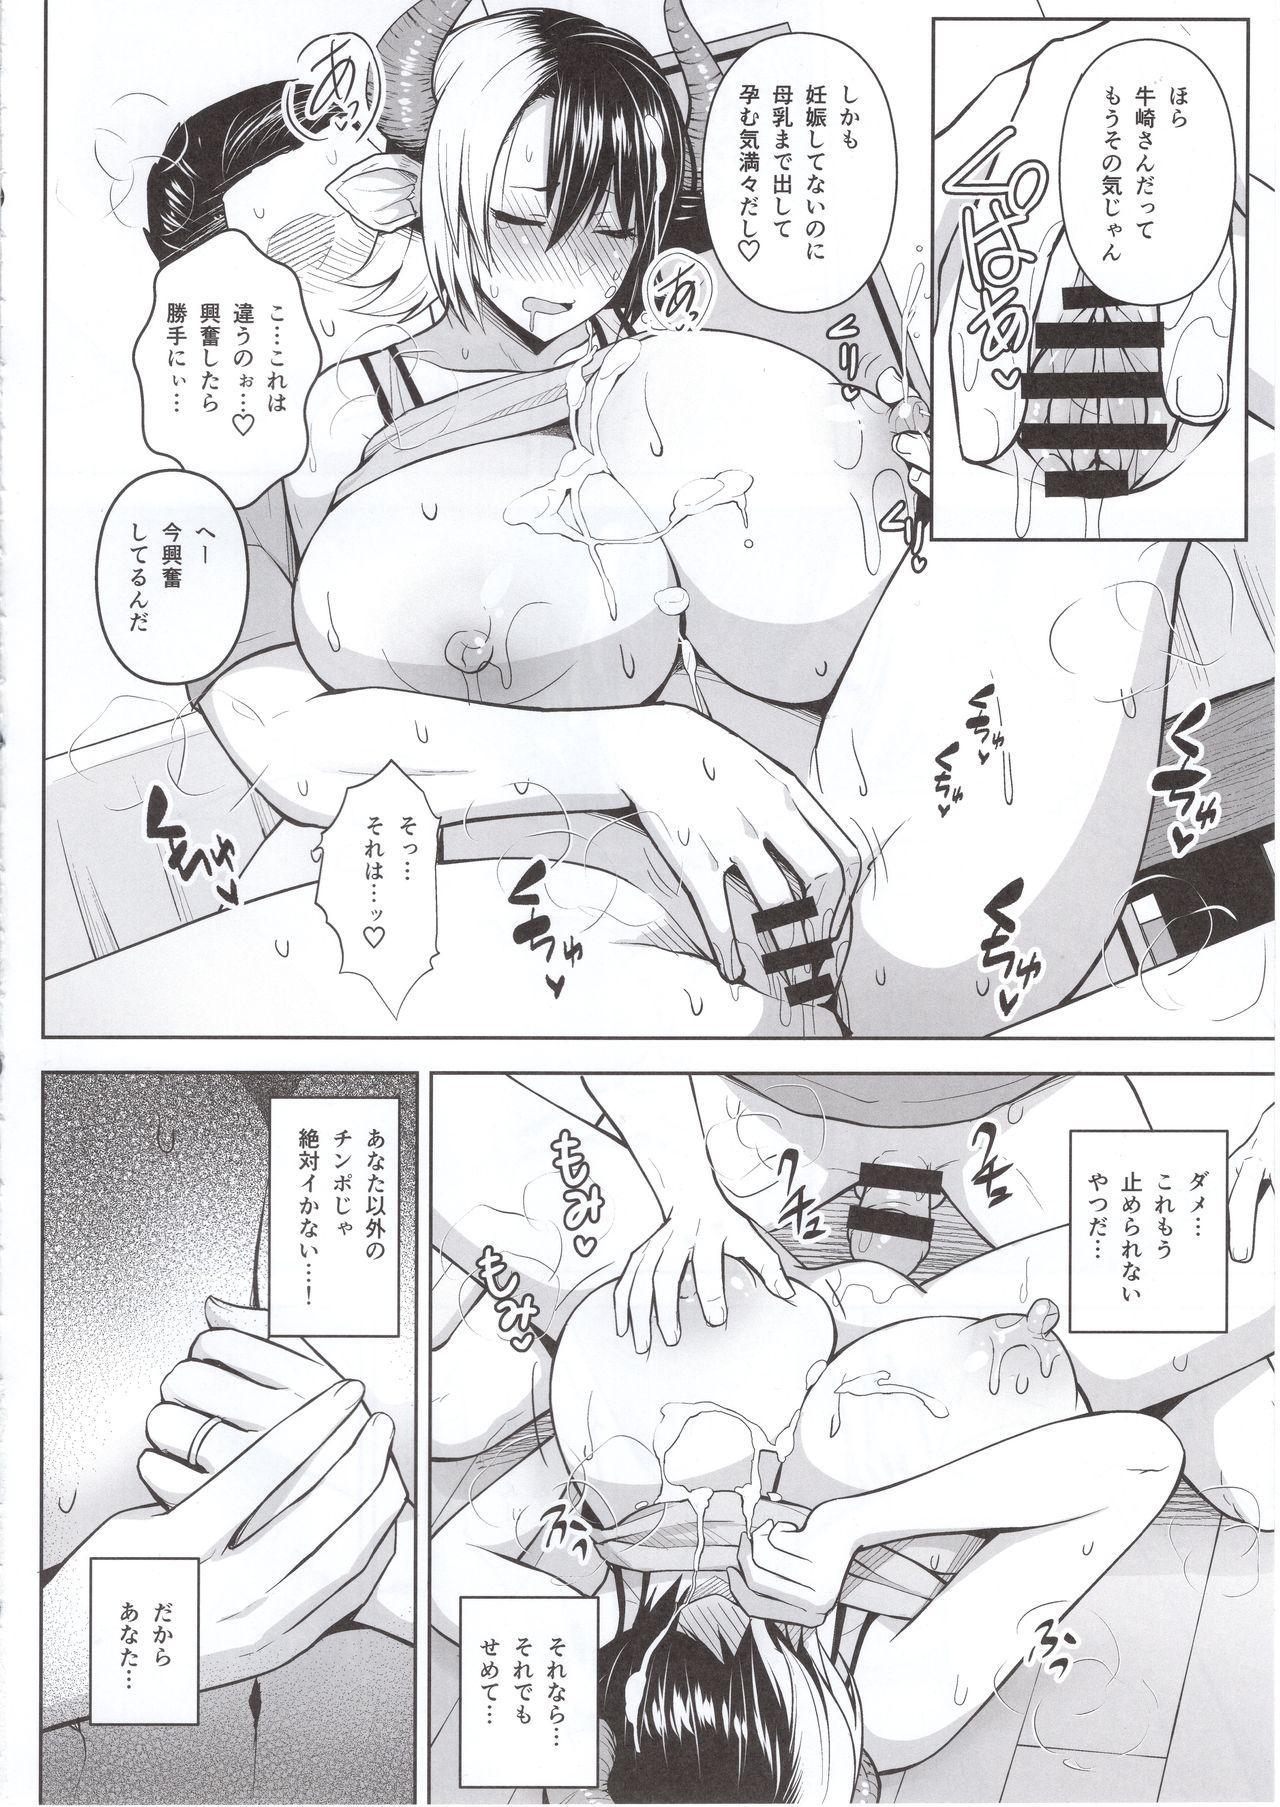 Oku-san no Oppai ga Dekasugiru noga Warui! 14